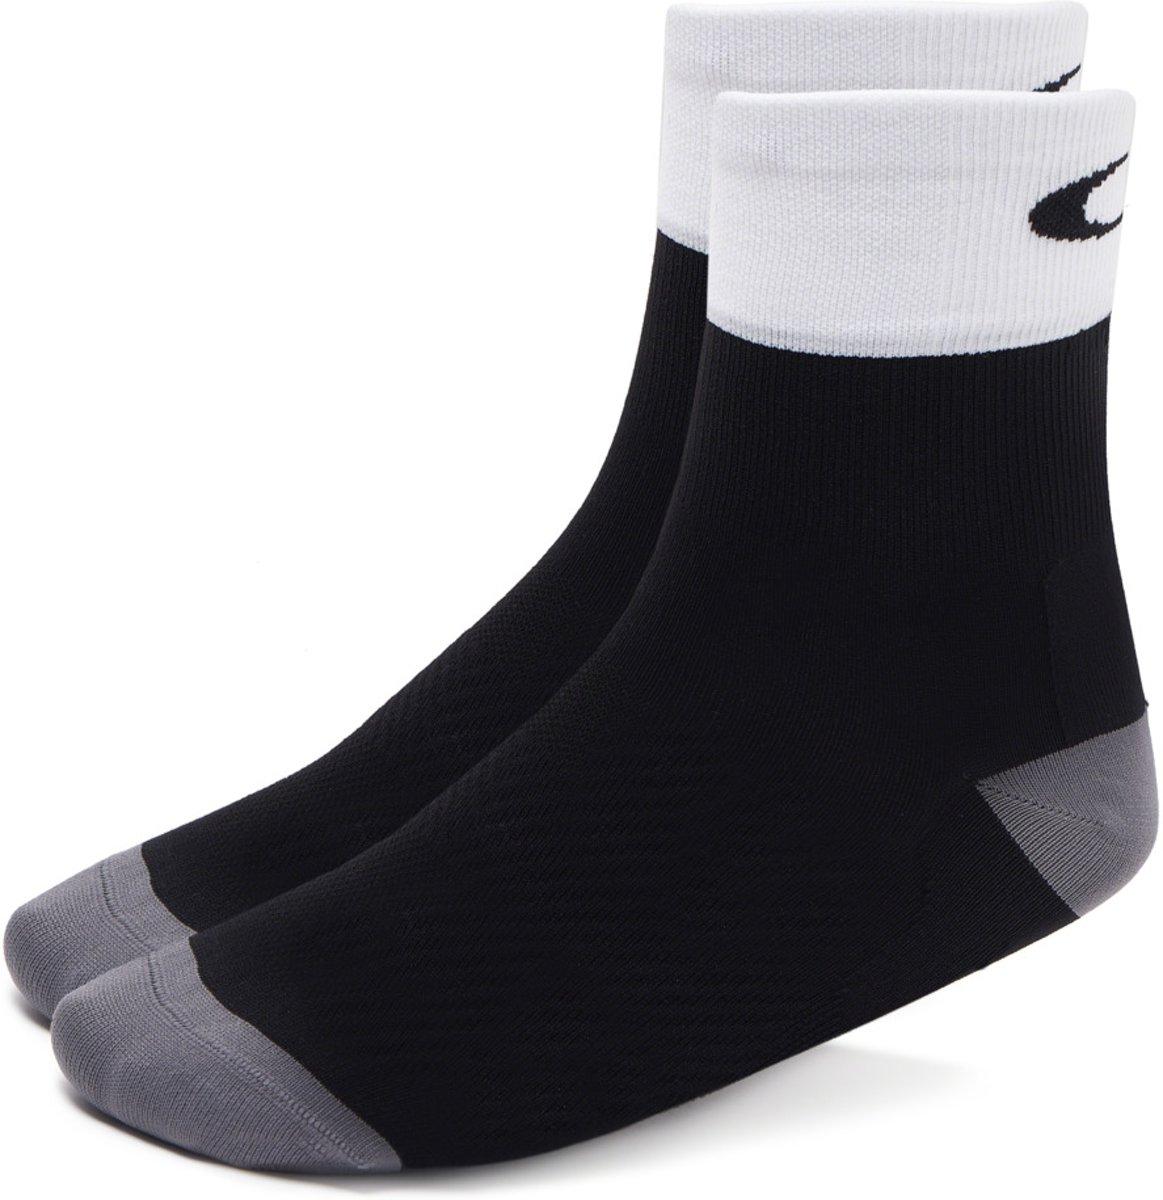 Oakley Cycling Sock - Fietssok - maat S - Blackout